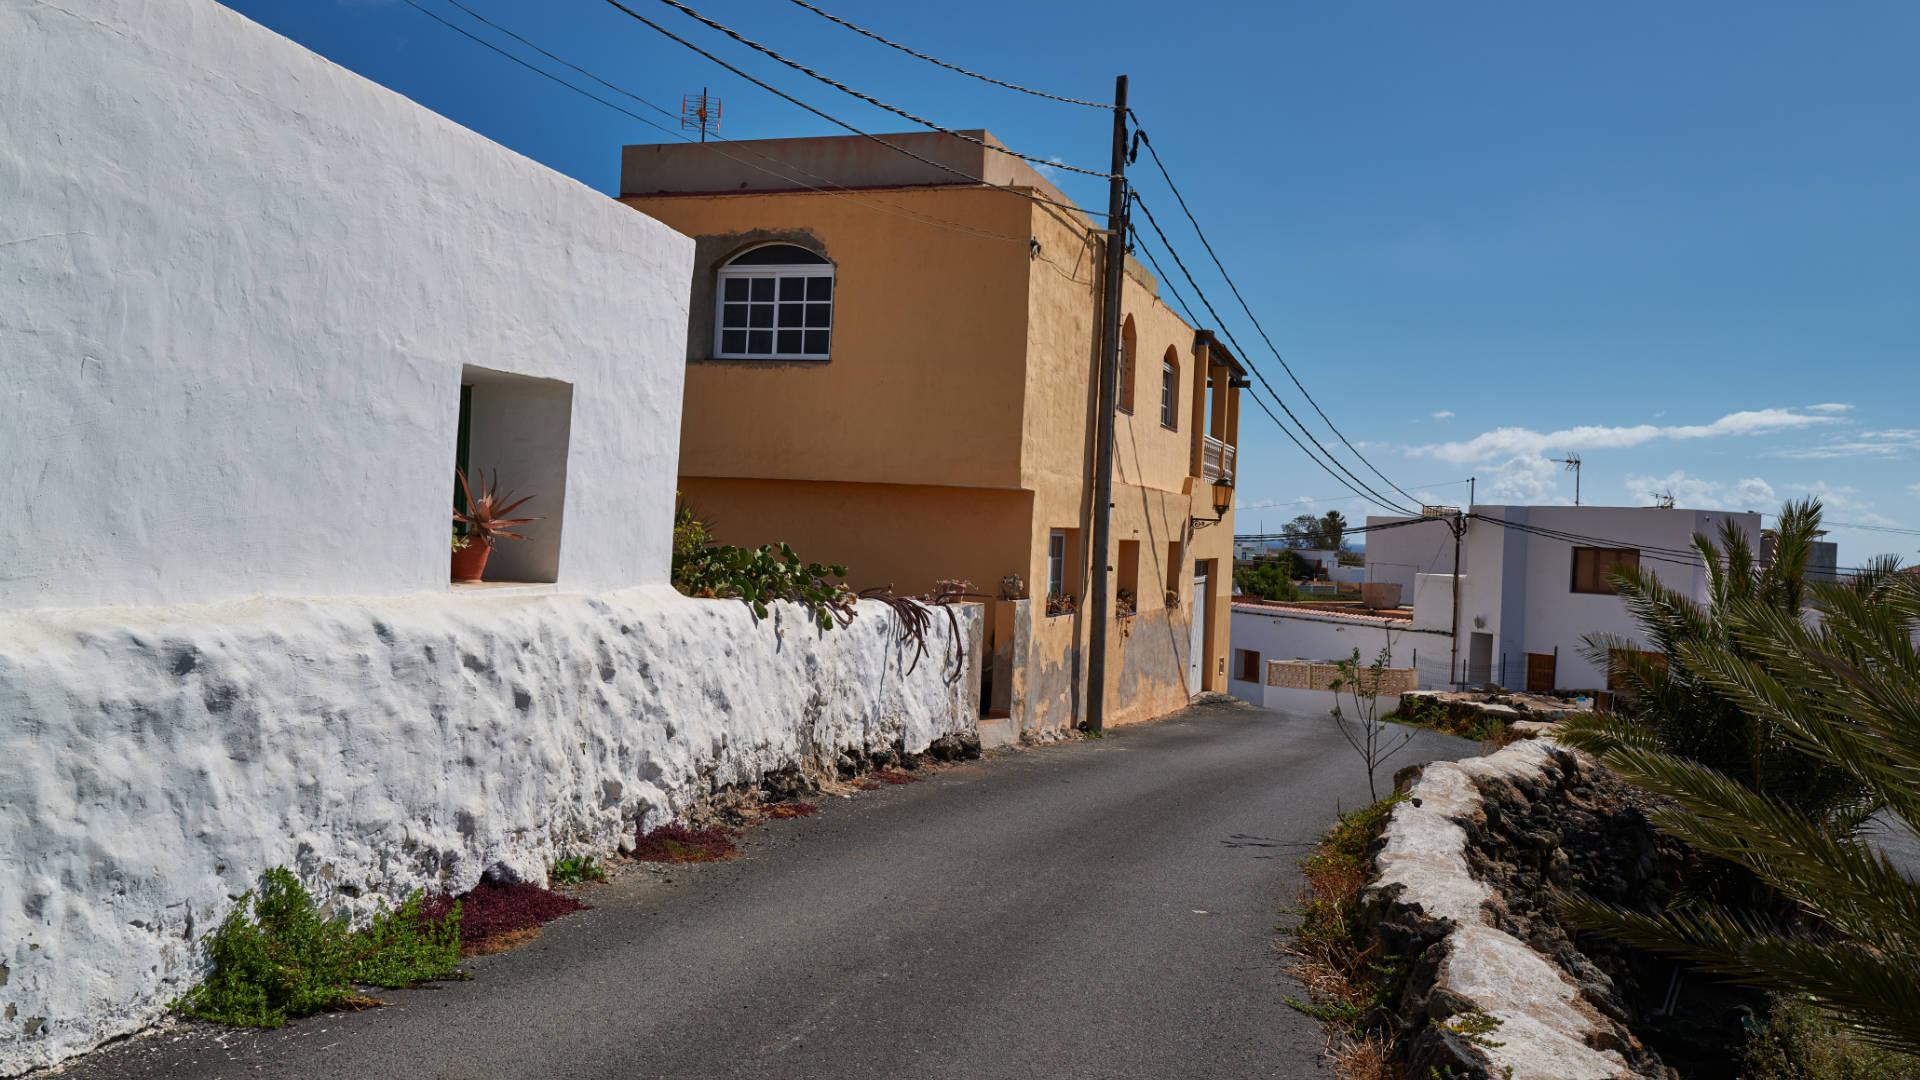 Der Ort El Roque nahe El Cotillo Fuerteventura.